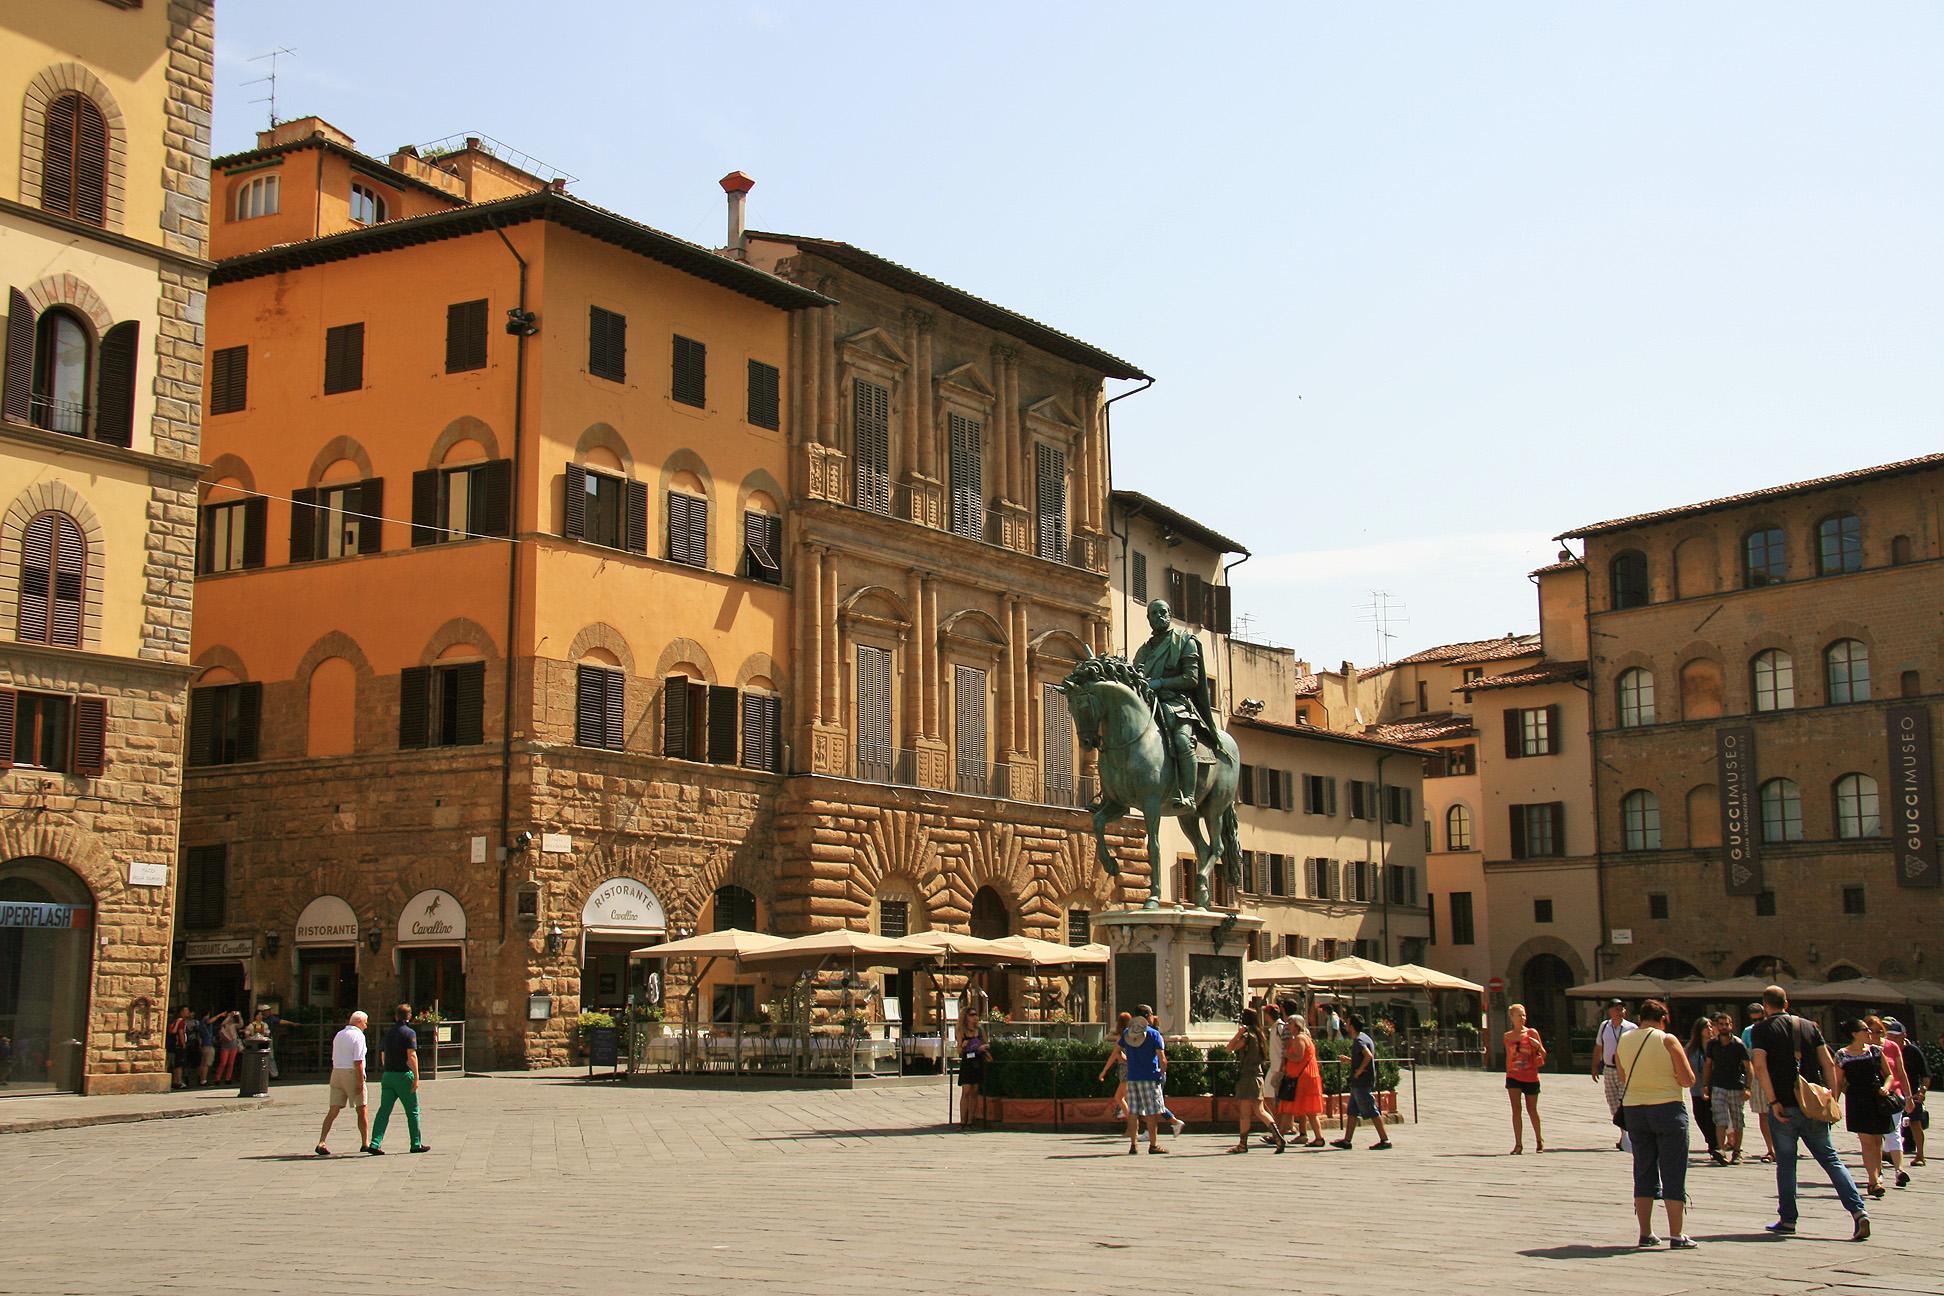 Piazza della Signoria with the equestrian statue of Cosimo I.